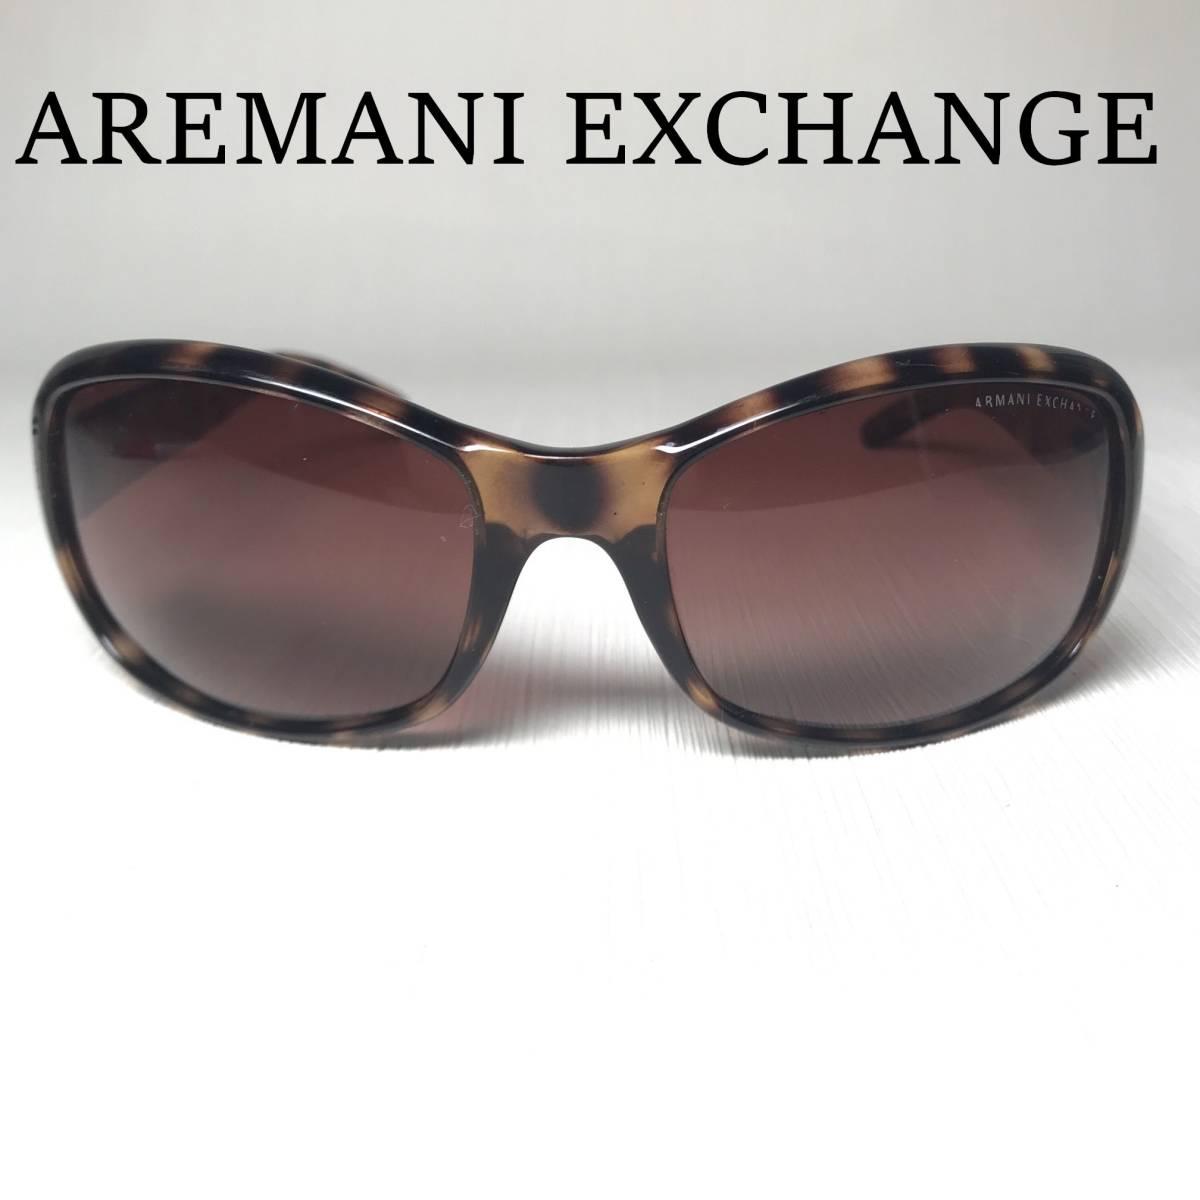 J1643 ★ AREMANI EXCHANGE アルマーニ エクスチェンジ ★ ウェリントン デミアンバー プラスチック フレーム AX029P サングラス メガネ